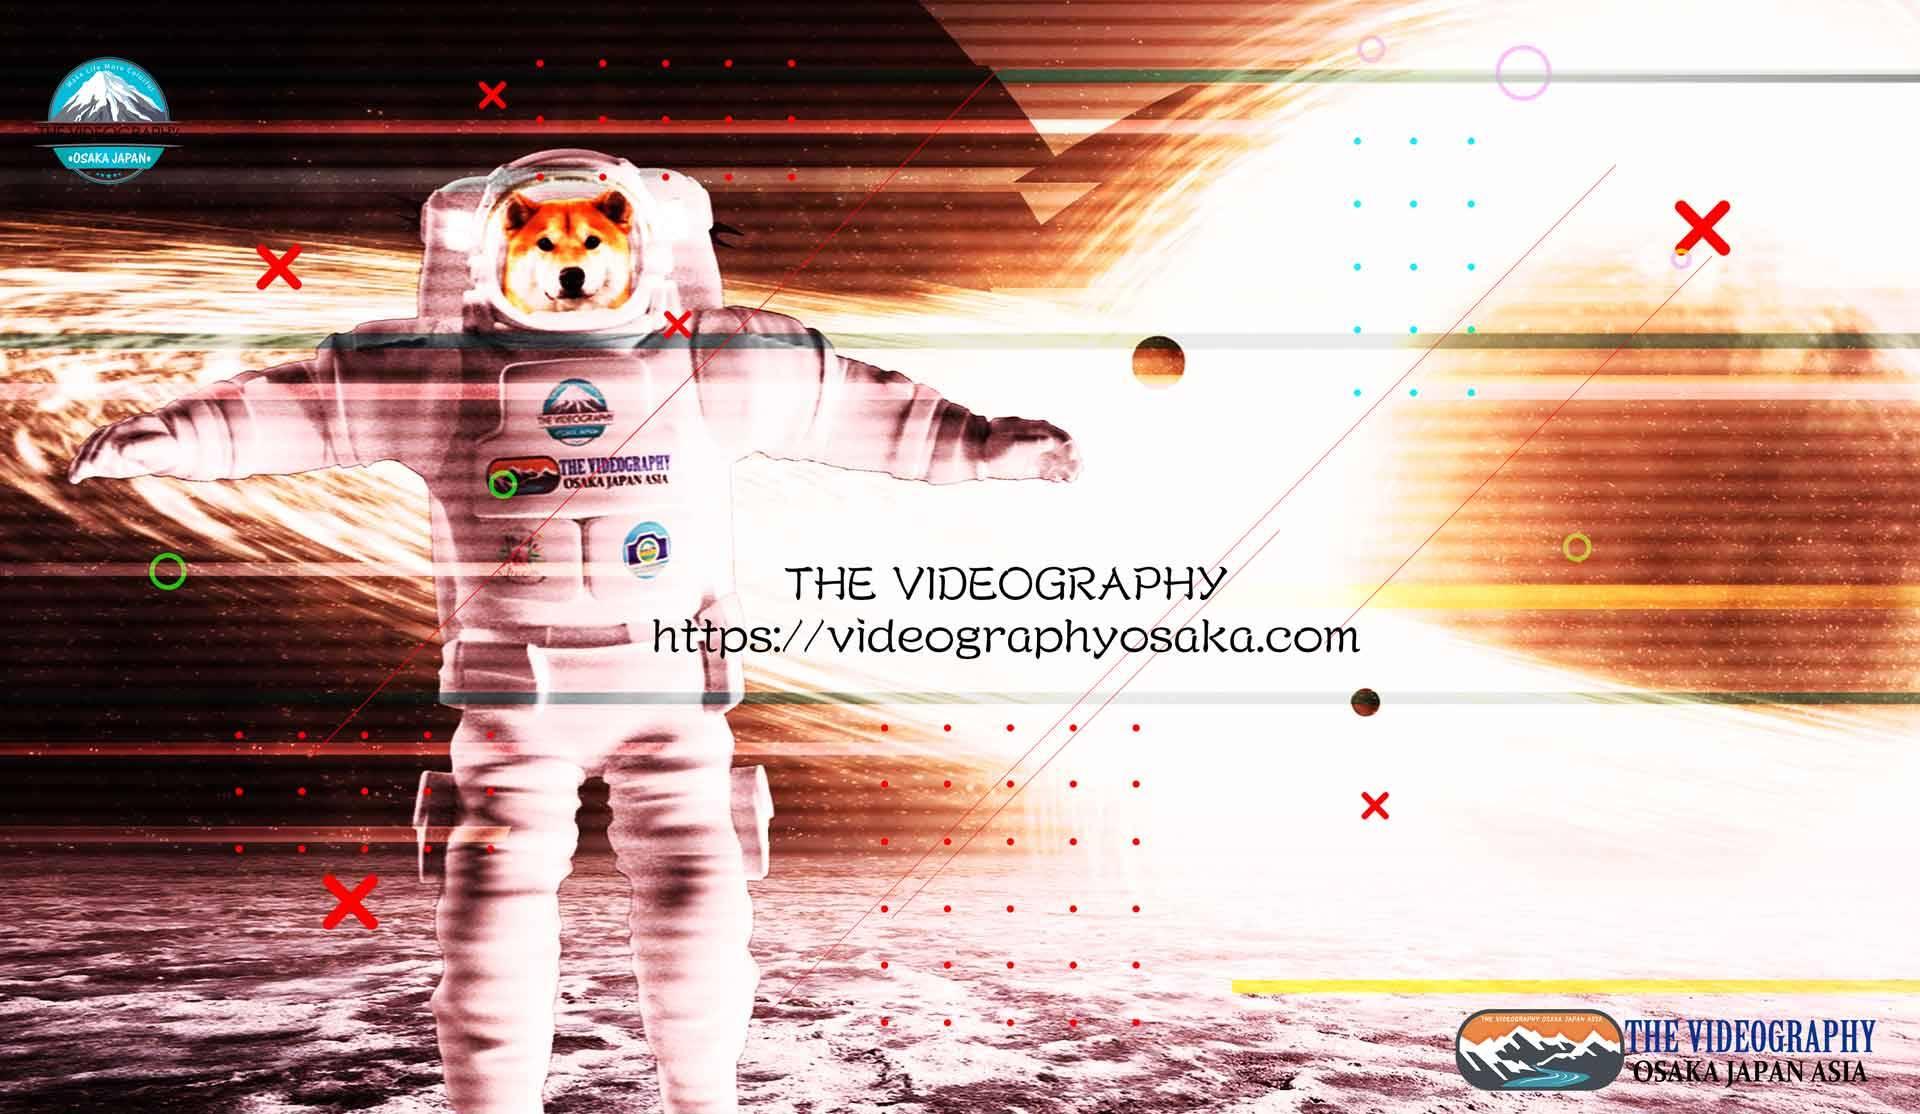 ブラックホールと宇宙飛行士。Dear Universe Movie Project・宇宙ビジネス プロモーションムービー PR動画。21世紀のフロンティアといえる宇宙 月 火星 木星など銀河系への探索旅行ビジネス。ビデオグラフィは、宇宙飛行士になりたいあなたの夢を叶えます。動画上で、夢の宇宙遊泳や月面旅行、火星観光(太陽 月 水星 金星 火星 木星 土星 冥王星 海王星などの惑星探索)など銀河系の探索旅行が可能です。 大阪 東京 名古屋 神戸 京都 奈良のプロモーションビデオ PV制作・プロモーションムービー PR動画制作や新規ビジネス ベンチャー ファンド向けブランディングビデオ プロダクトローンチムービー制作はビデオグラフィへご連絡を